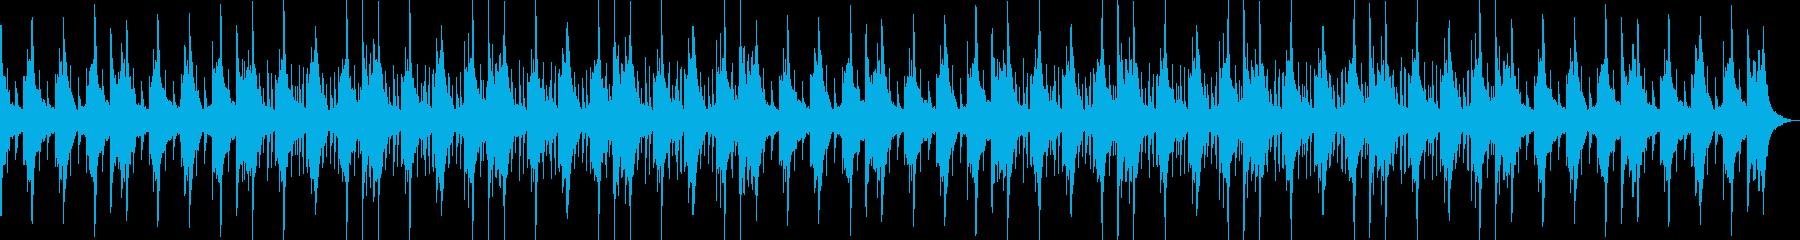 哀愁感・切ない・ローファイ・ヒップホップの再生済みの波形